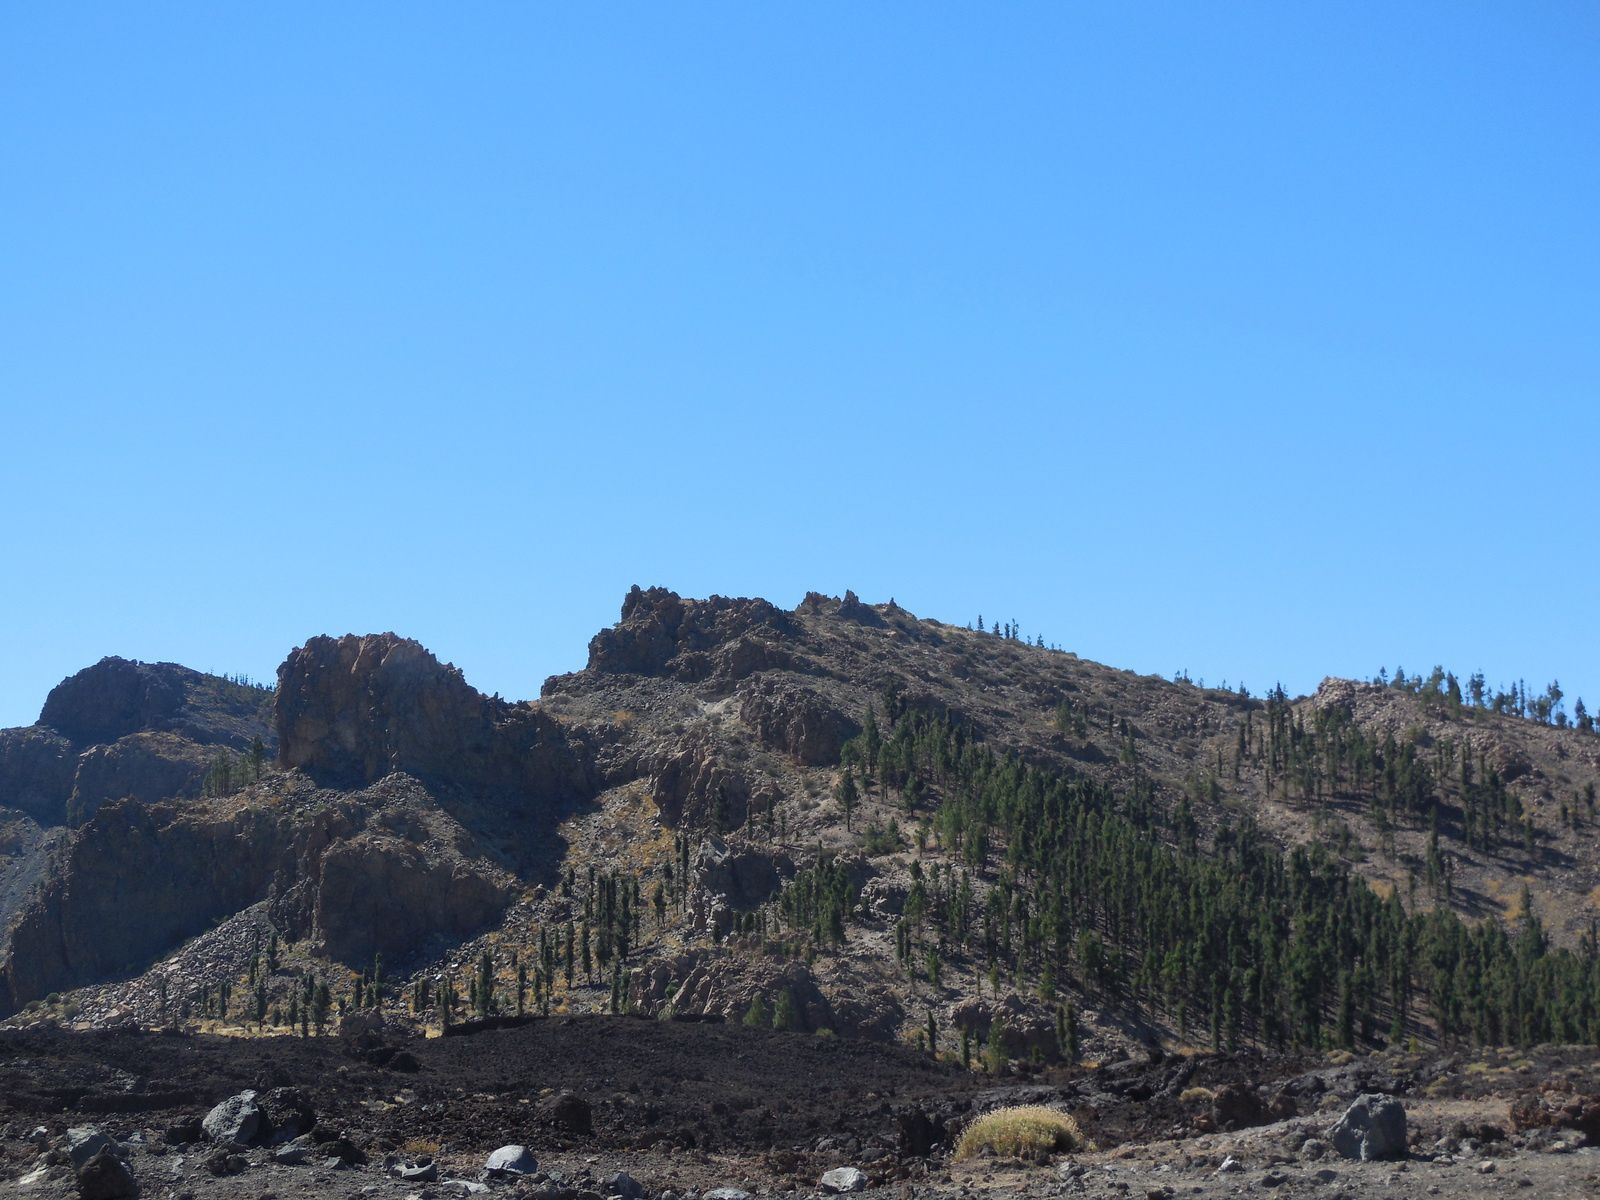 Coulées de lave solidifiées; à ce niveau, la végétation reprend le dessus...